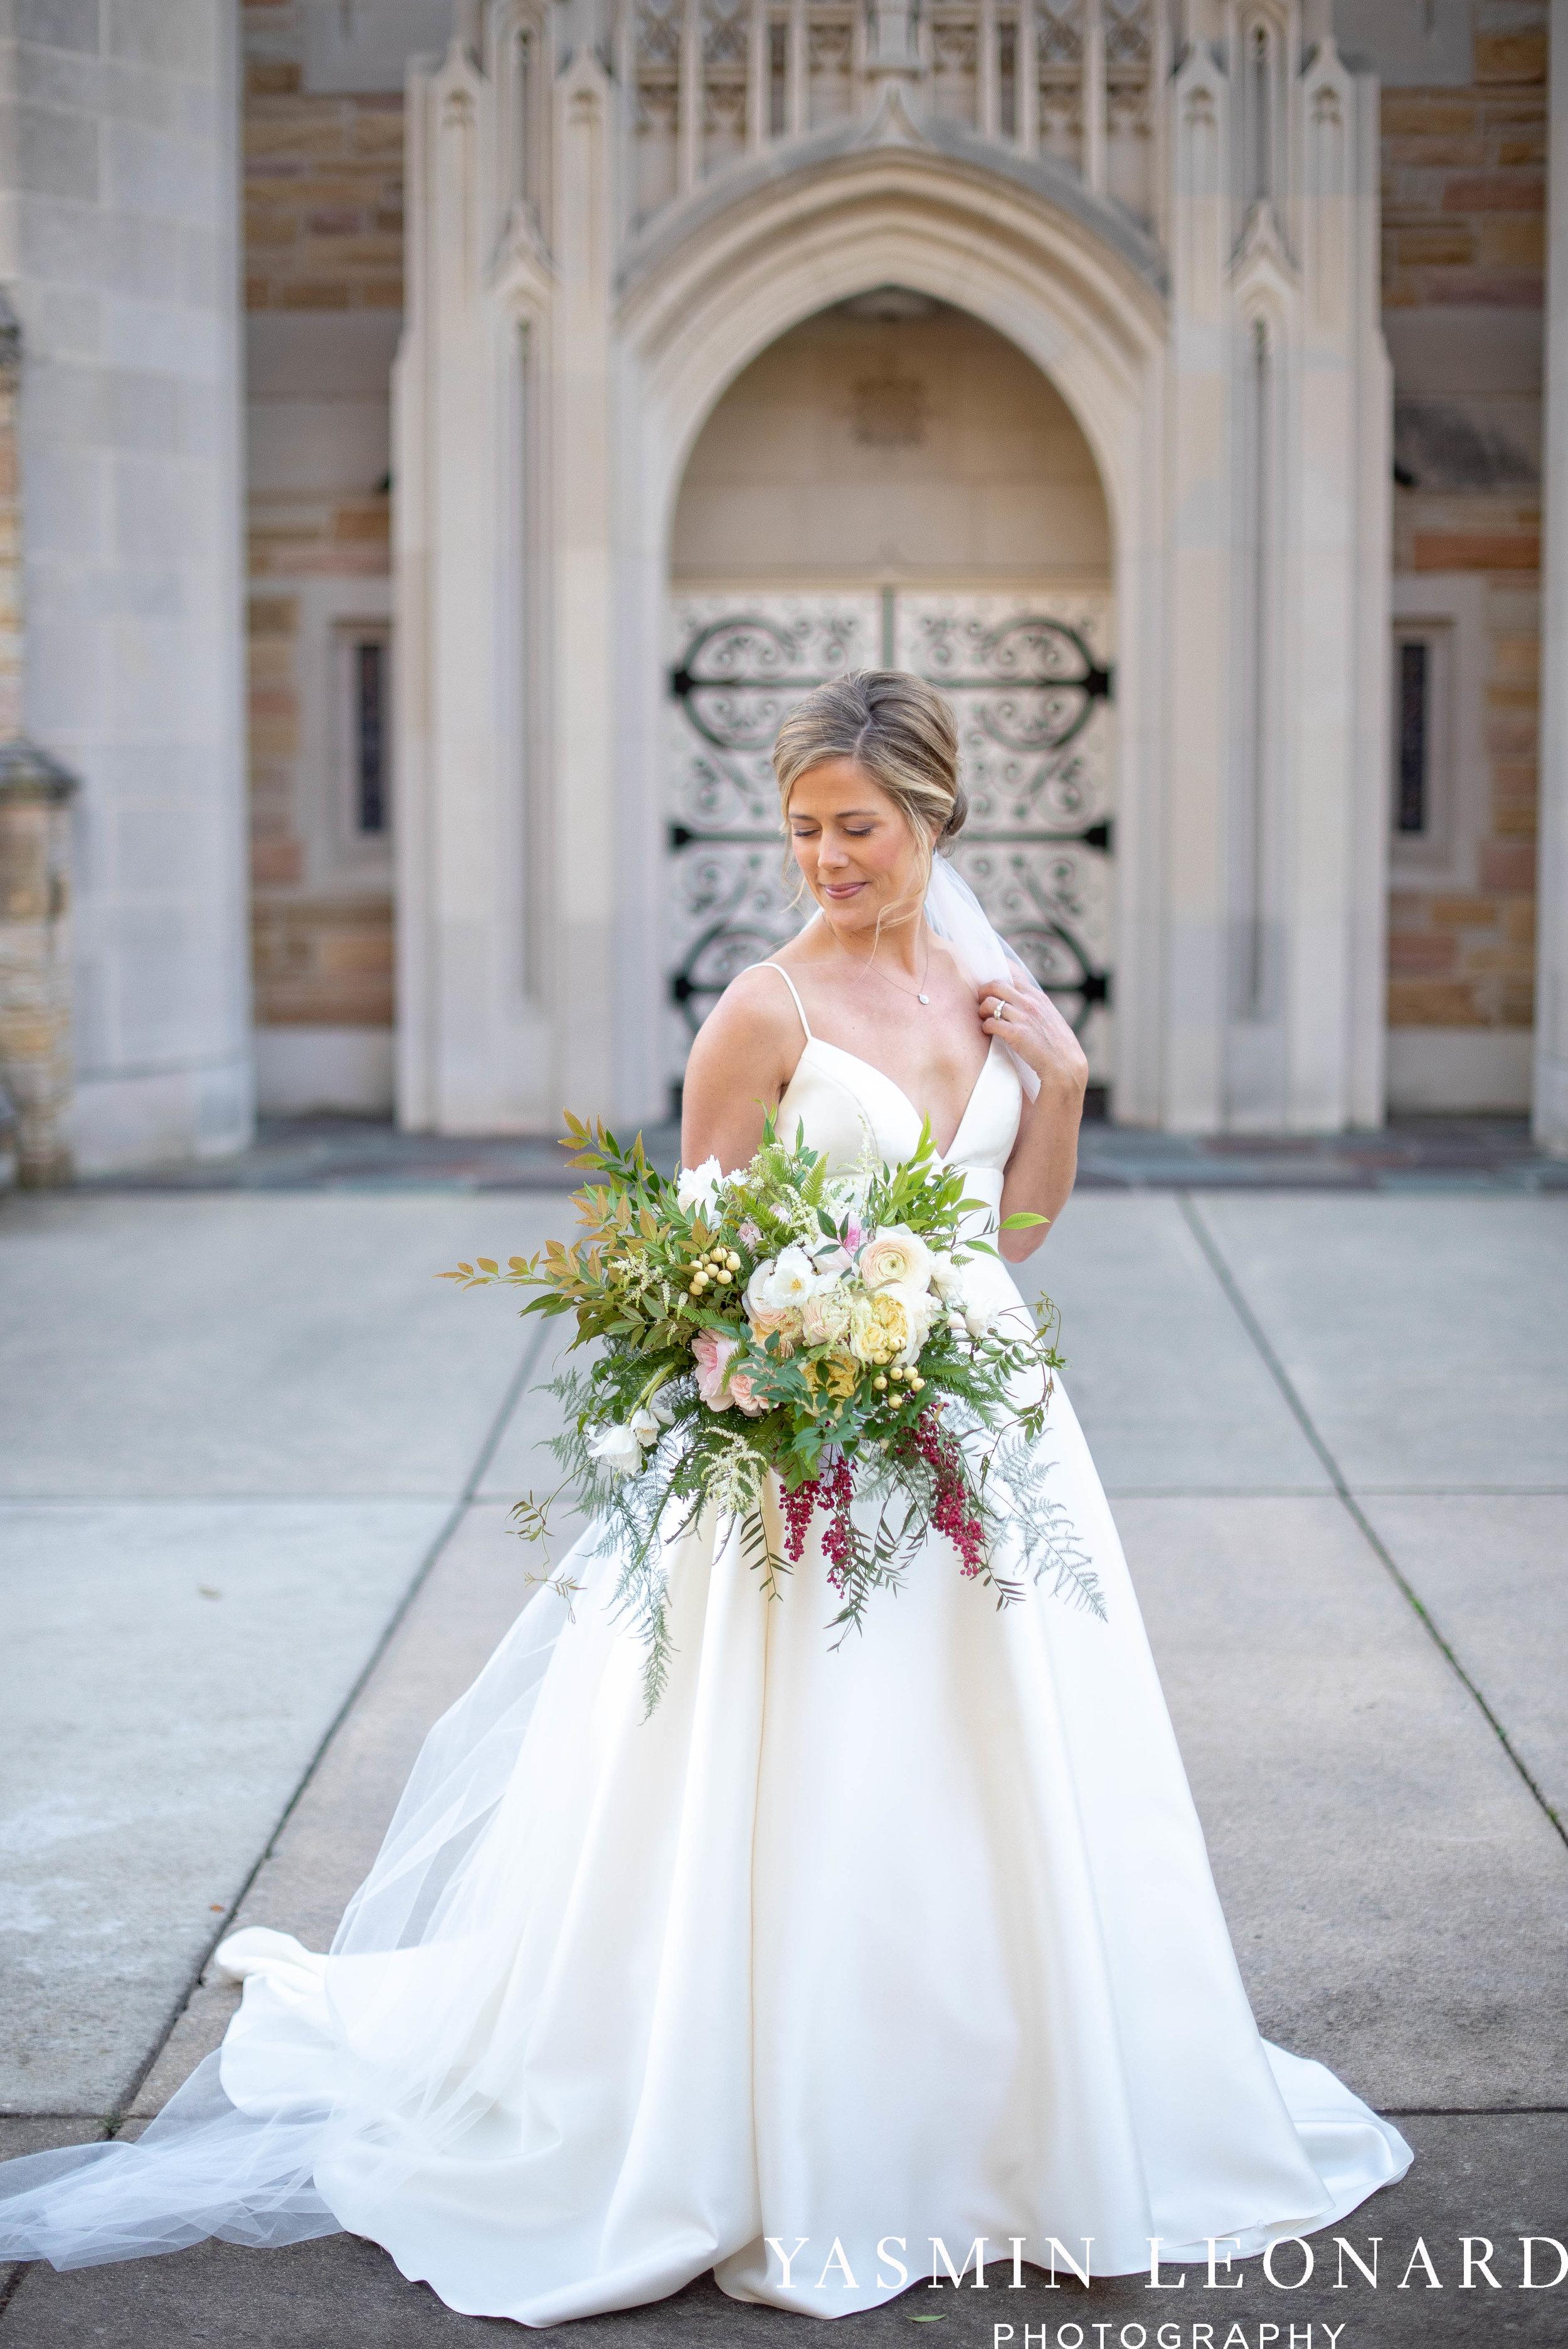 Wesley Memorial United Methodist Church - EmeryWood - High Point Weddings - High Point Wedding Photographer - NC Wedding Photographer - Yasmin Leonard Photography-11.jpg